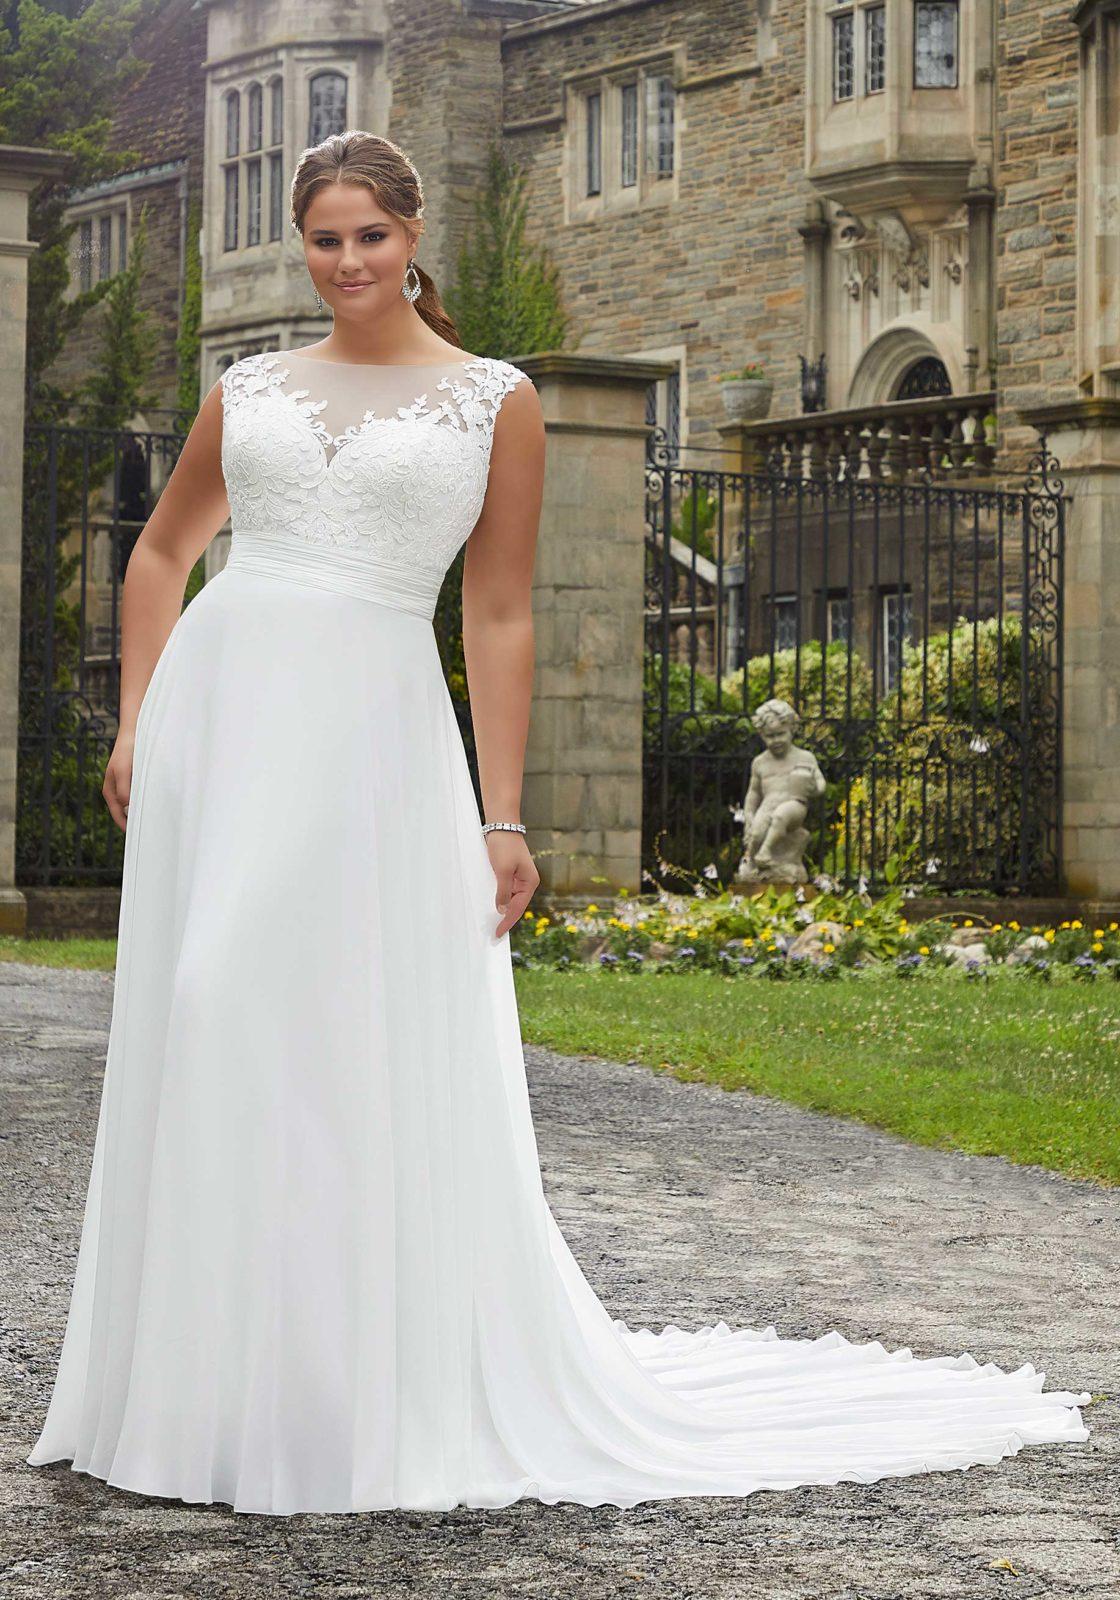 Νυφικό Φόρεμα, Chiffon και Δαντέλα, , Plus Size, Morilee by Madeline Gardner, Style. 5808